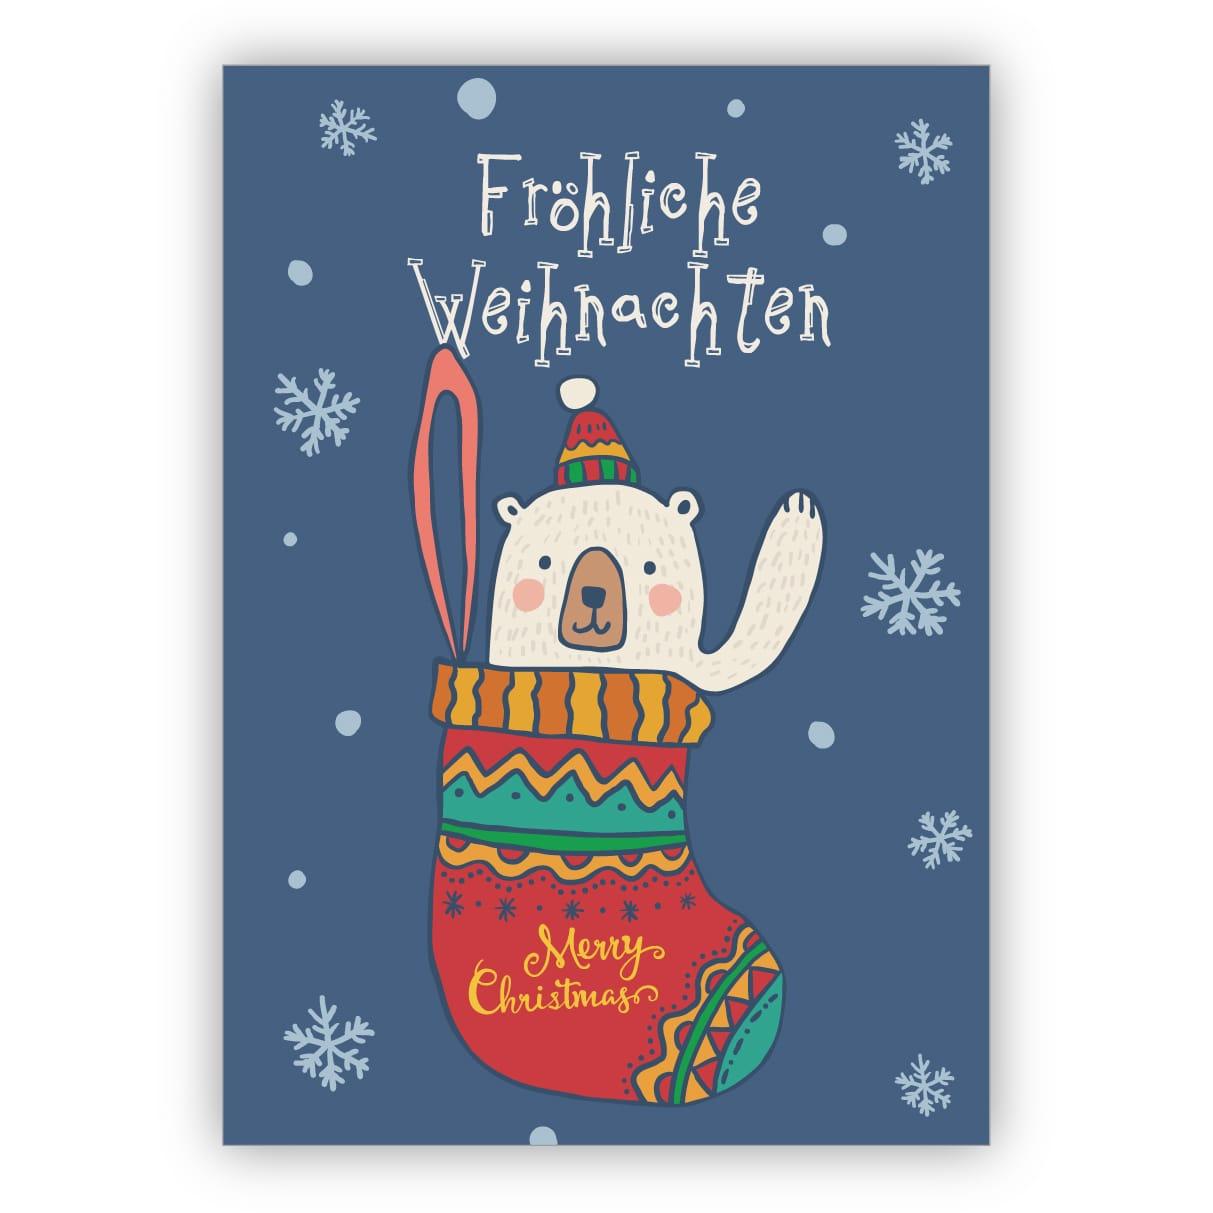 Niedliche Kinder Weihnachtskarte Mit Eisbär In Weihnachts Strumpf:  Fröhliche Weihnachten bestimmt für Weihnachtskarte Für Kinder